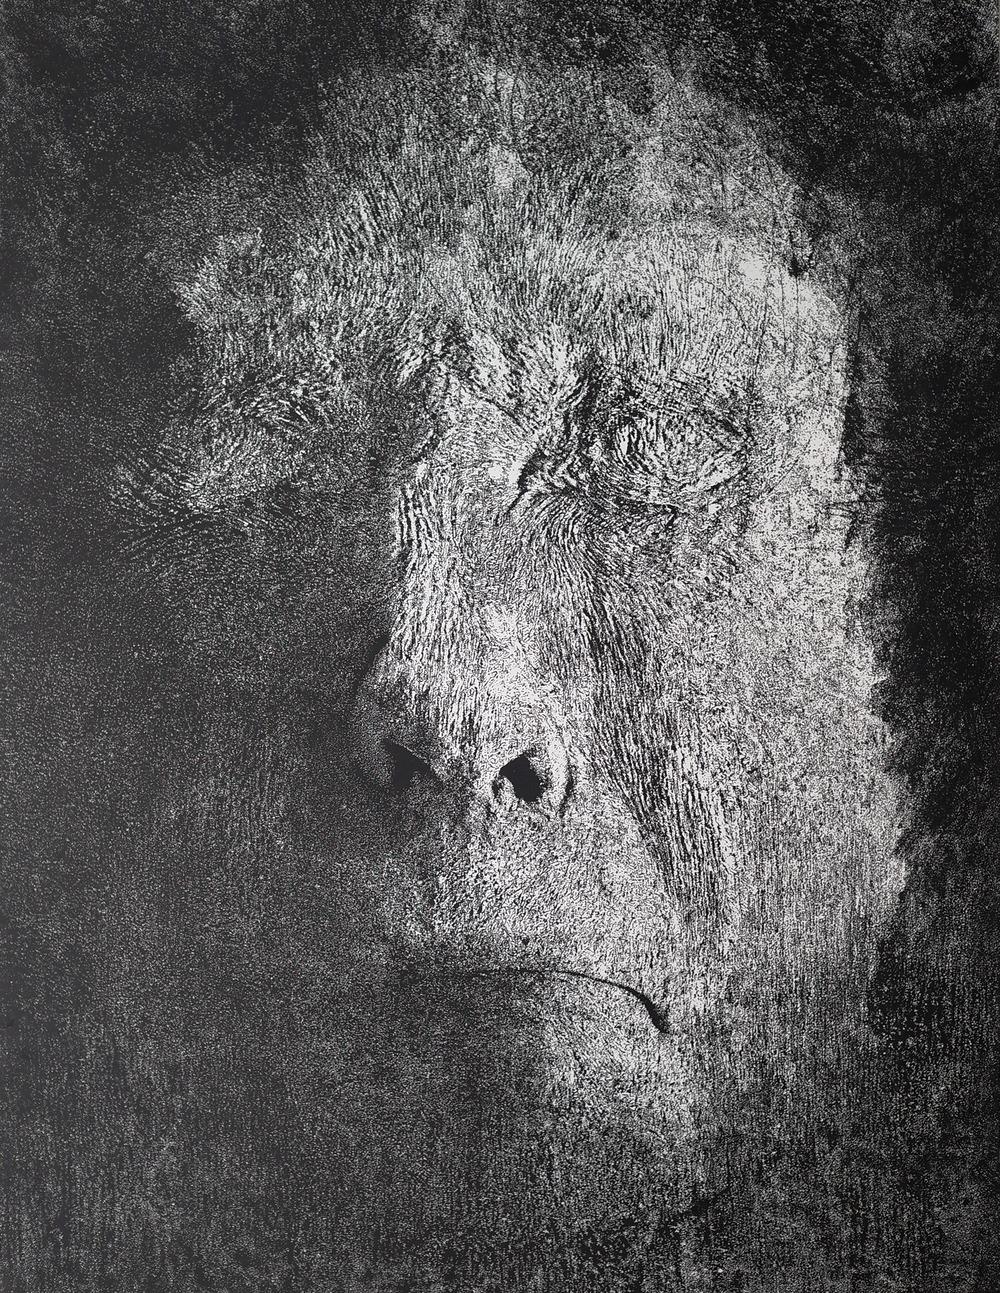 雨果 /Elter Egon           100cm x 78cm